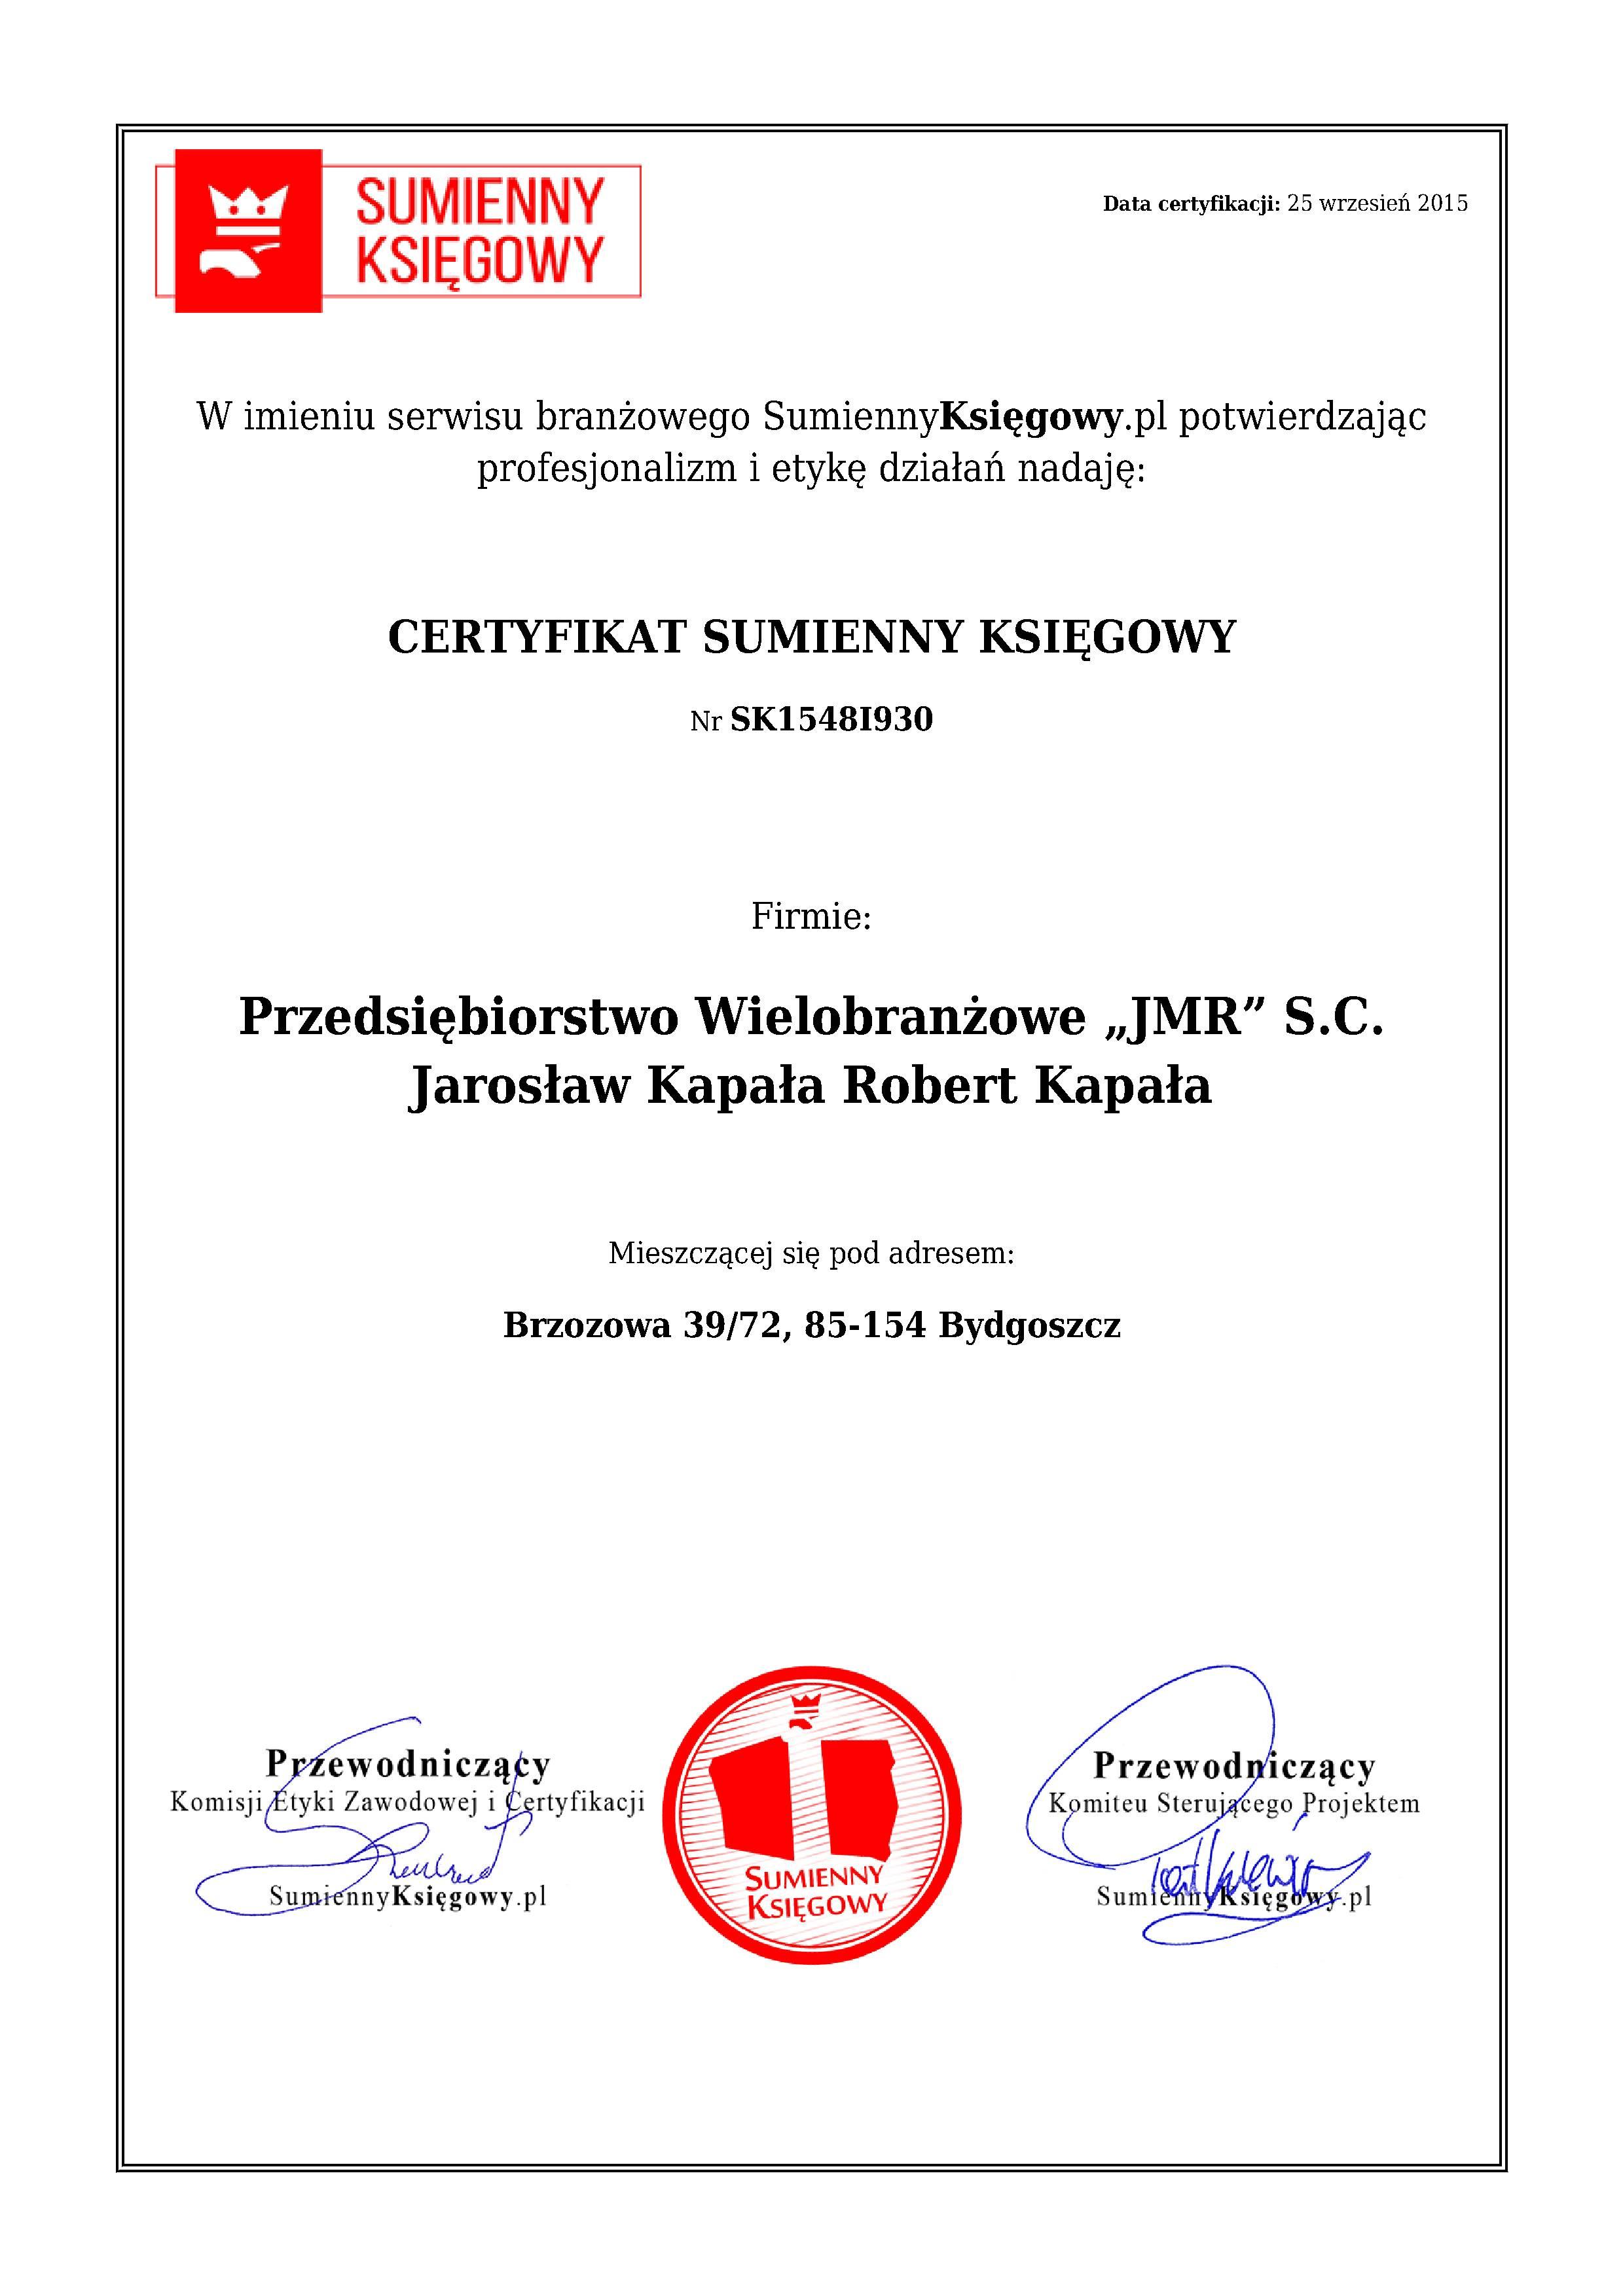 """Certyfikat Przedsiębiorstwo Wielobranżowe """"JMR"""" S.C. Jarosław Kapała Robert Kapała"""